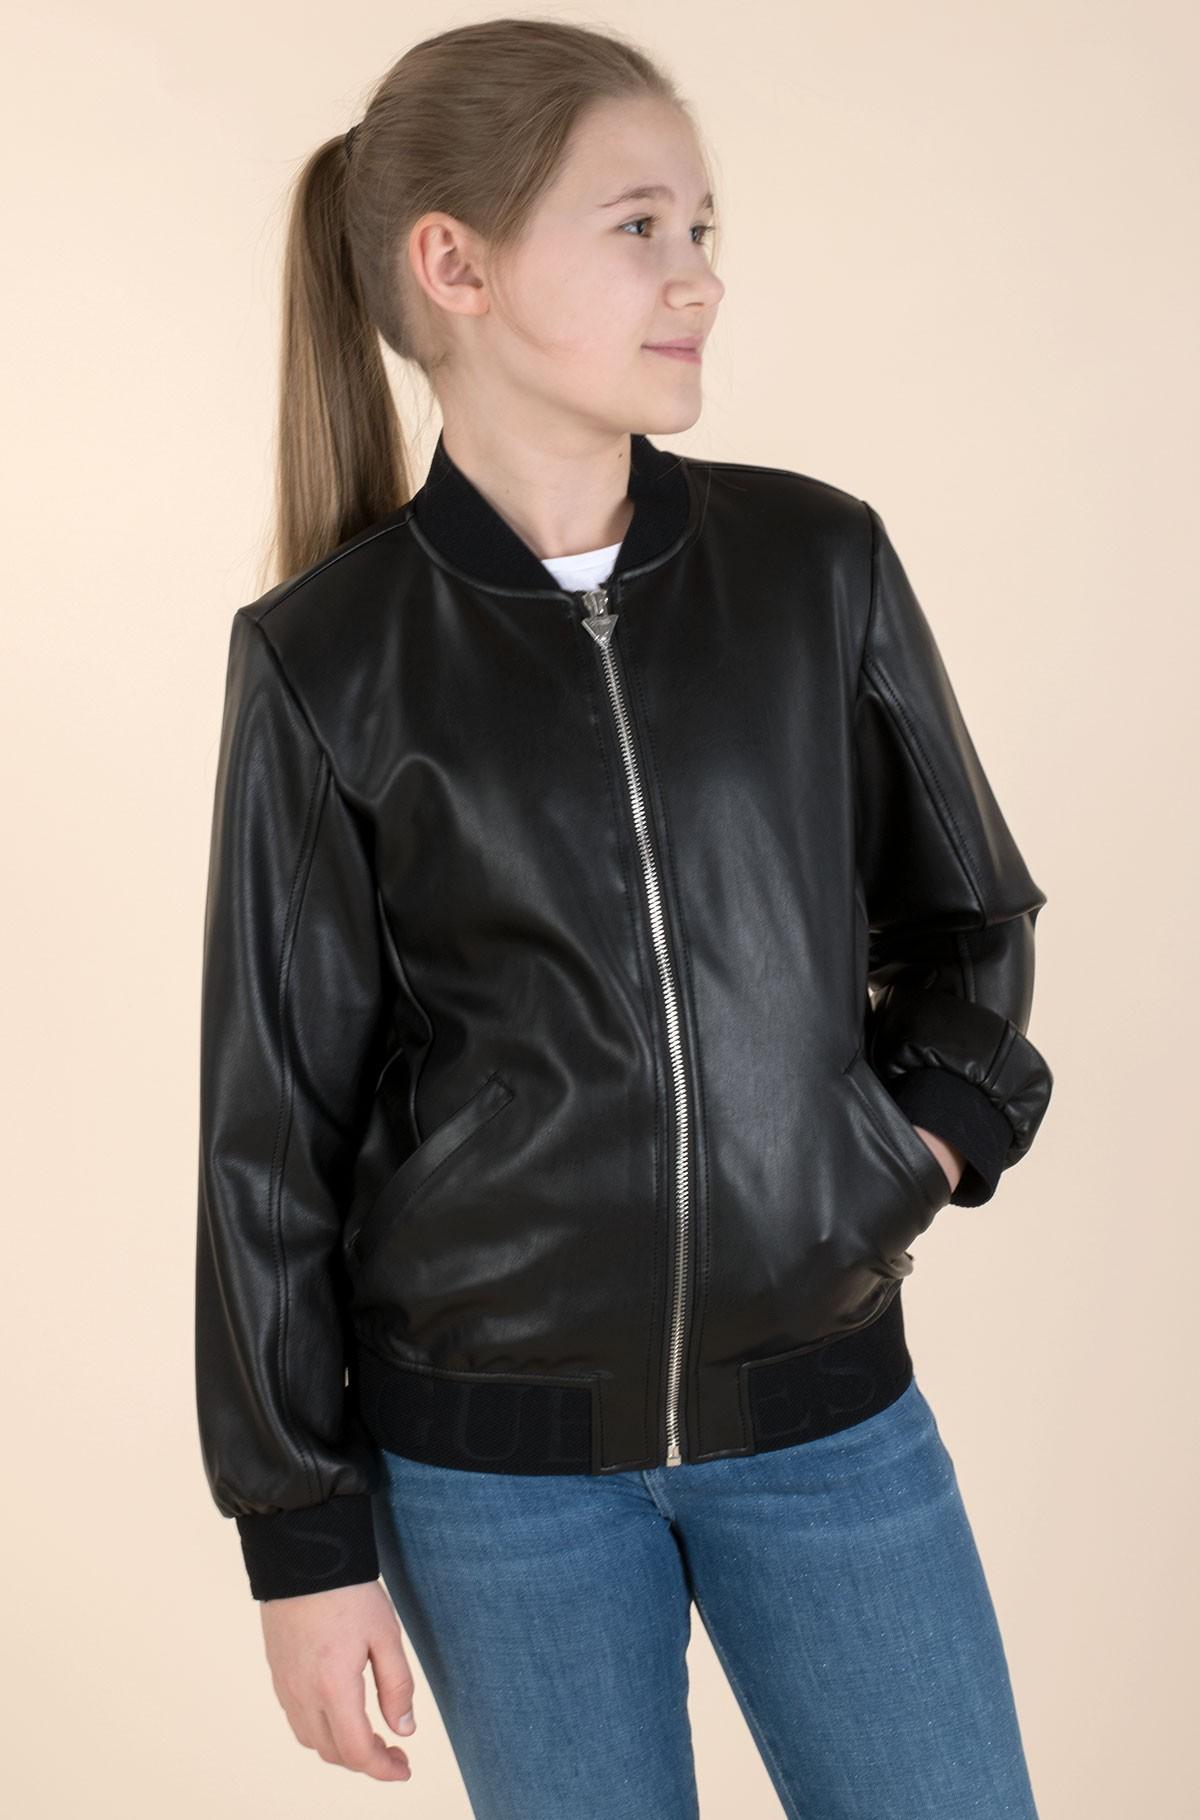 Children's leather jacket J1RL00 WBG60-full-2